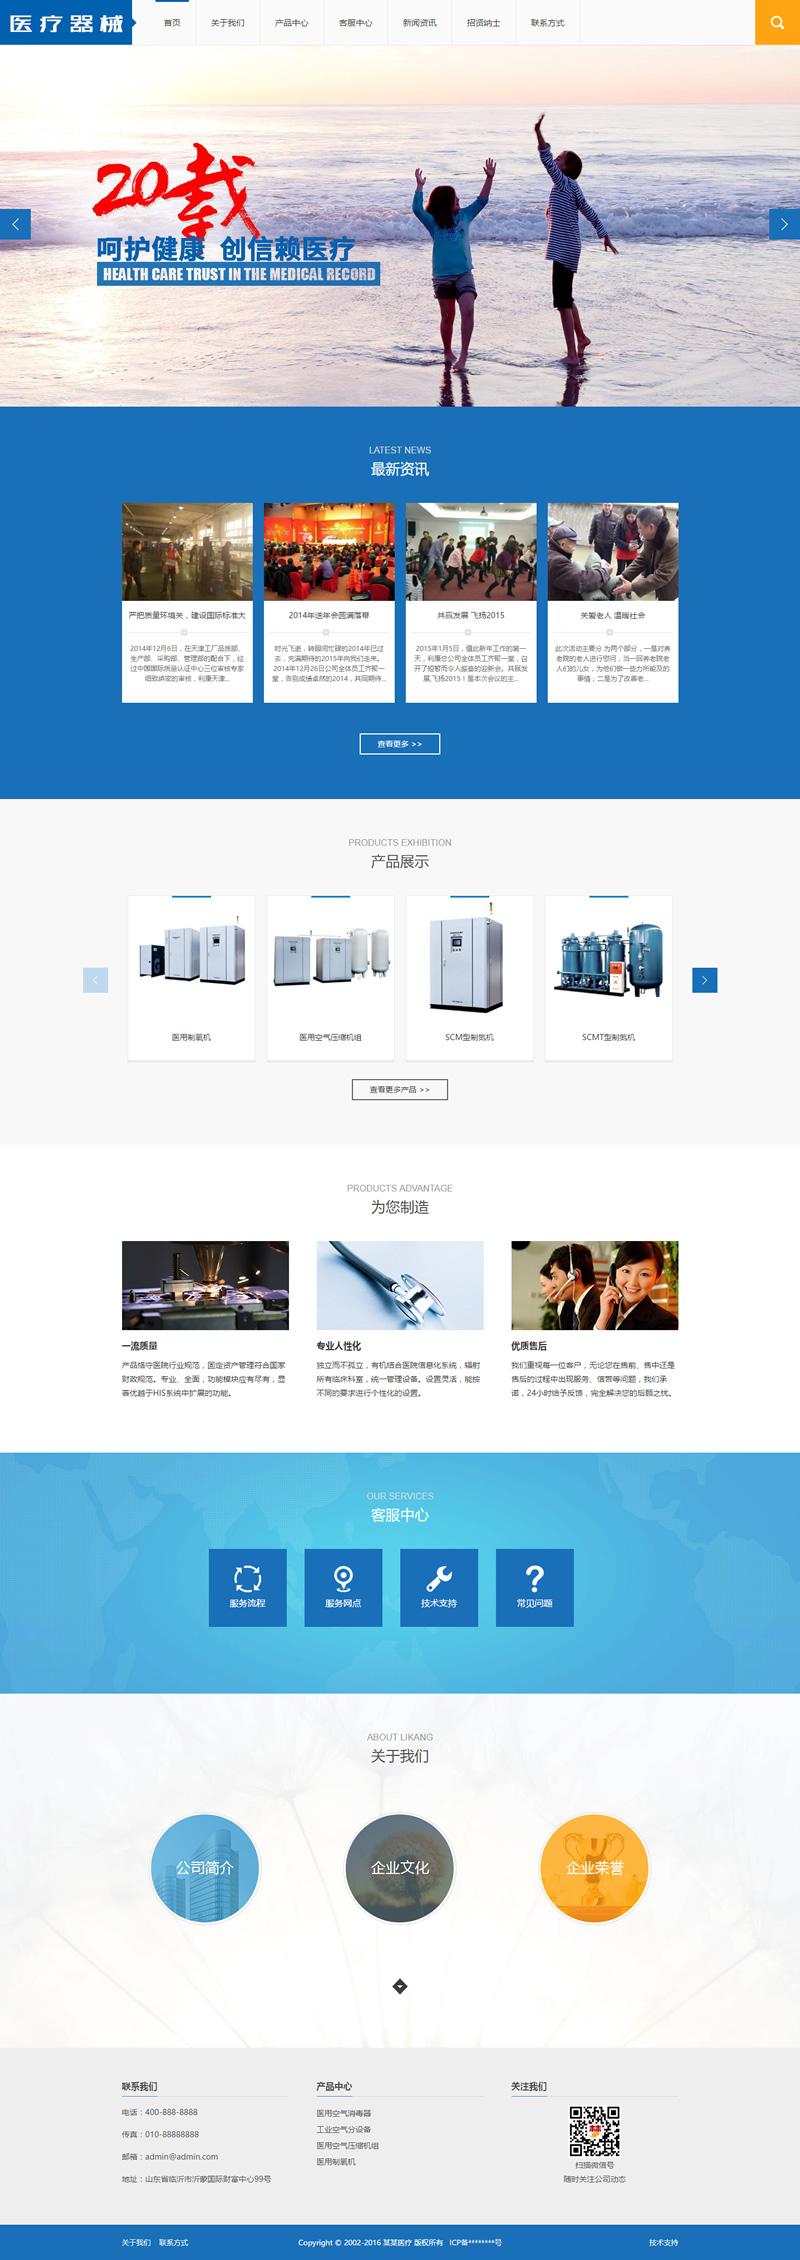 织梦dedecms模板蓝色大气医疗器械设备医疗健康设备医用设备生产销售公司网站生产企业网站源码